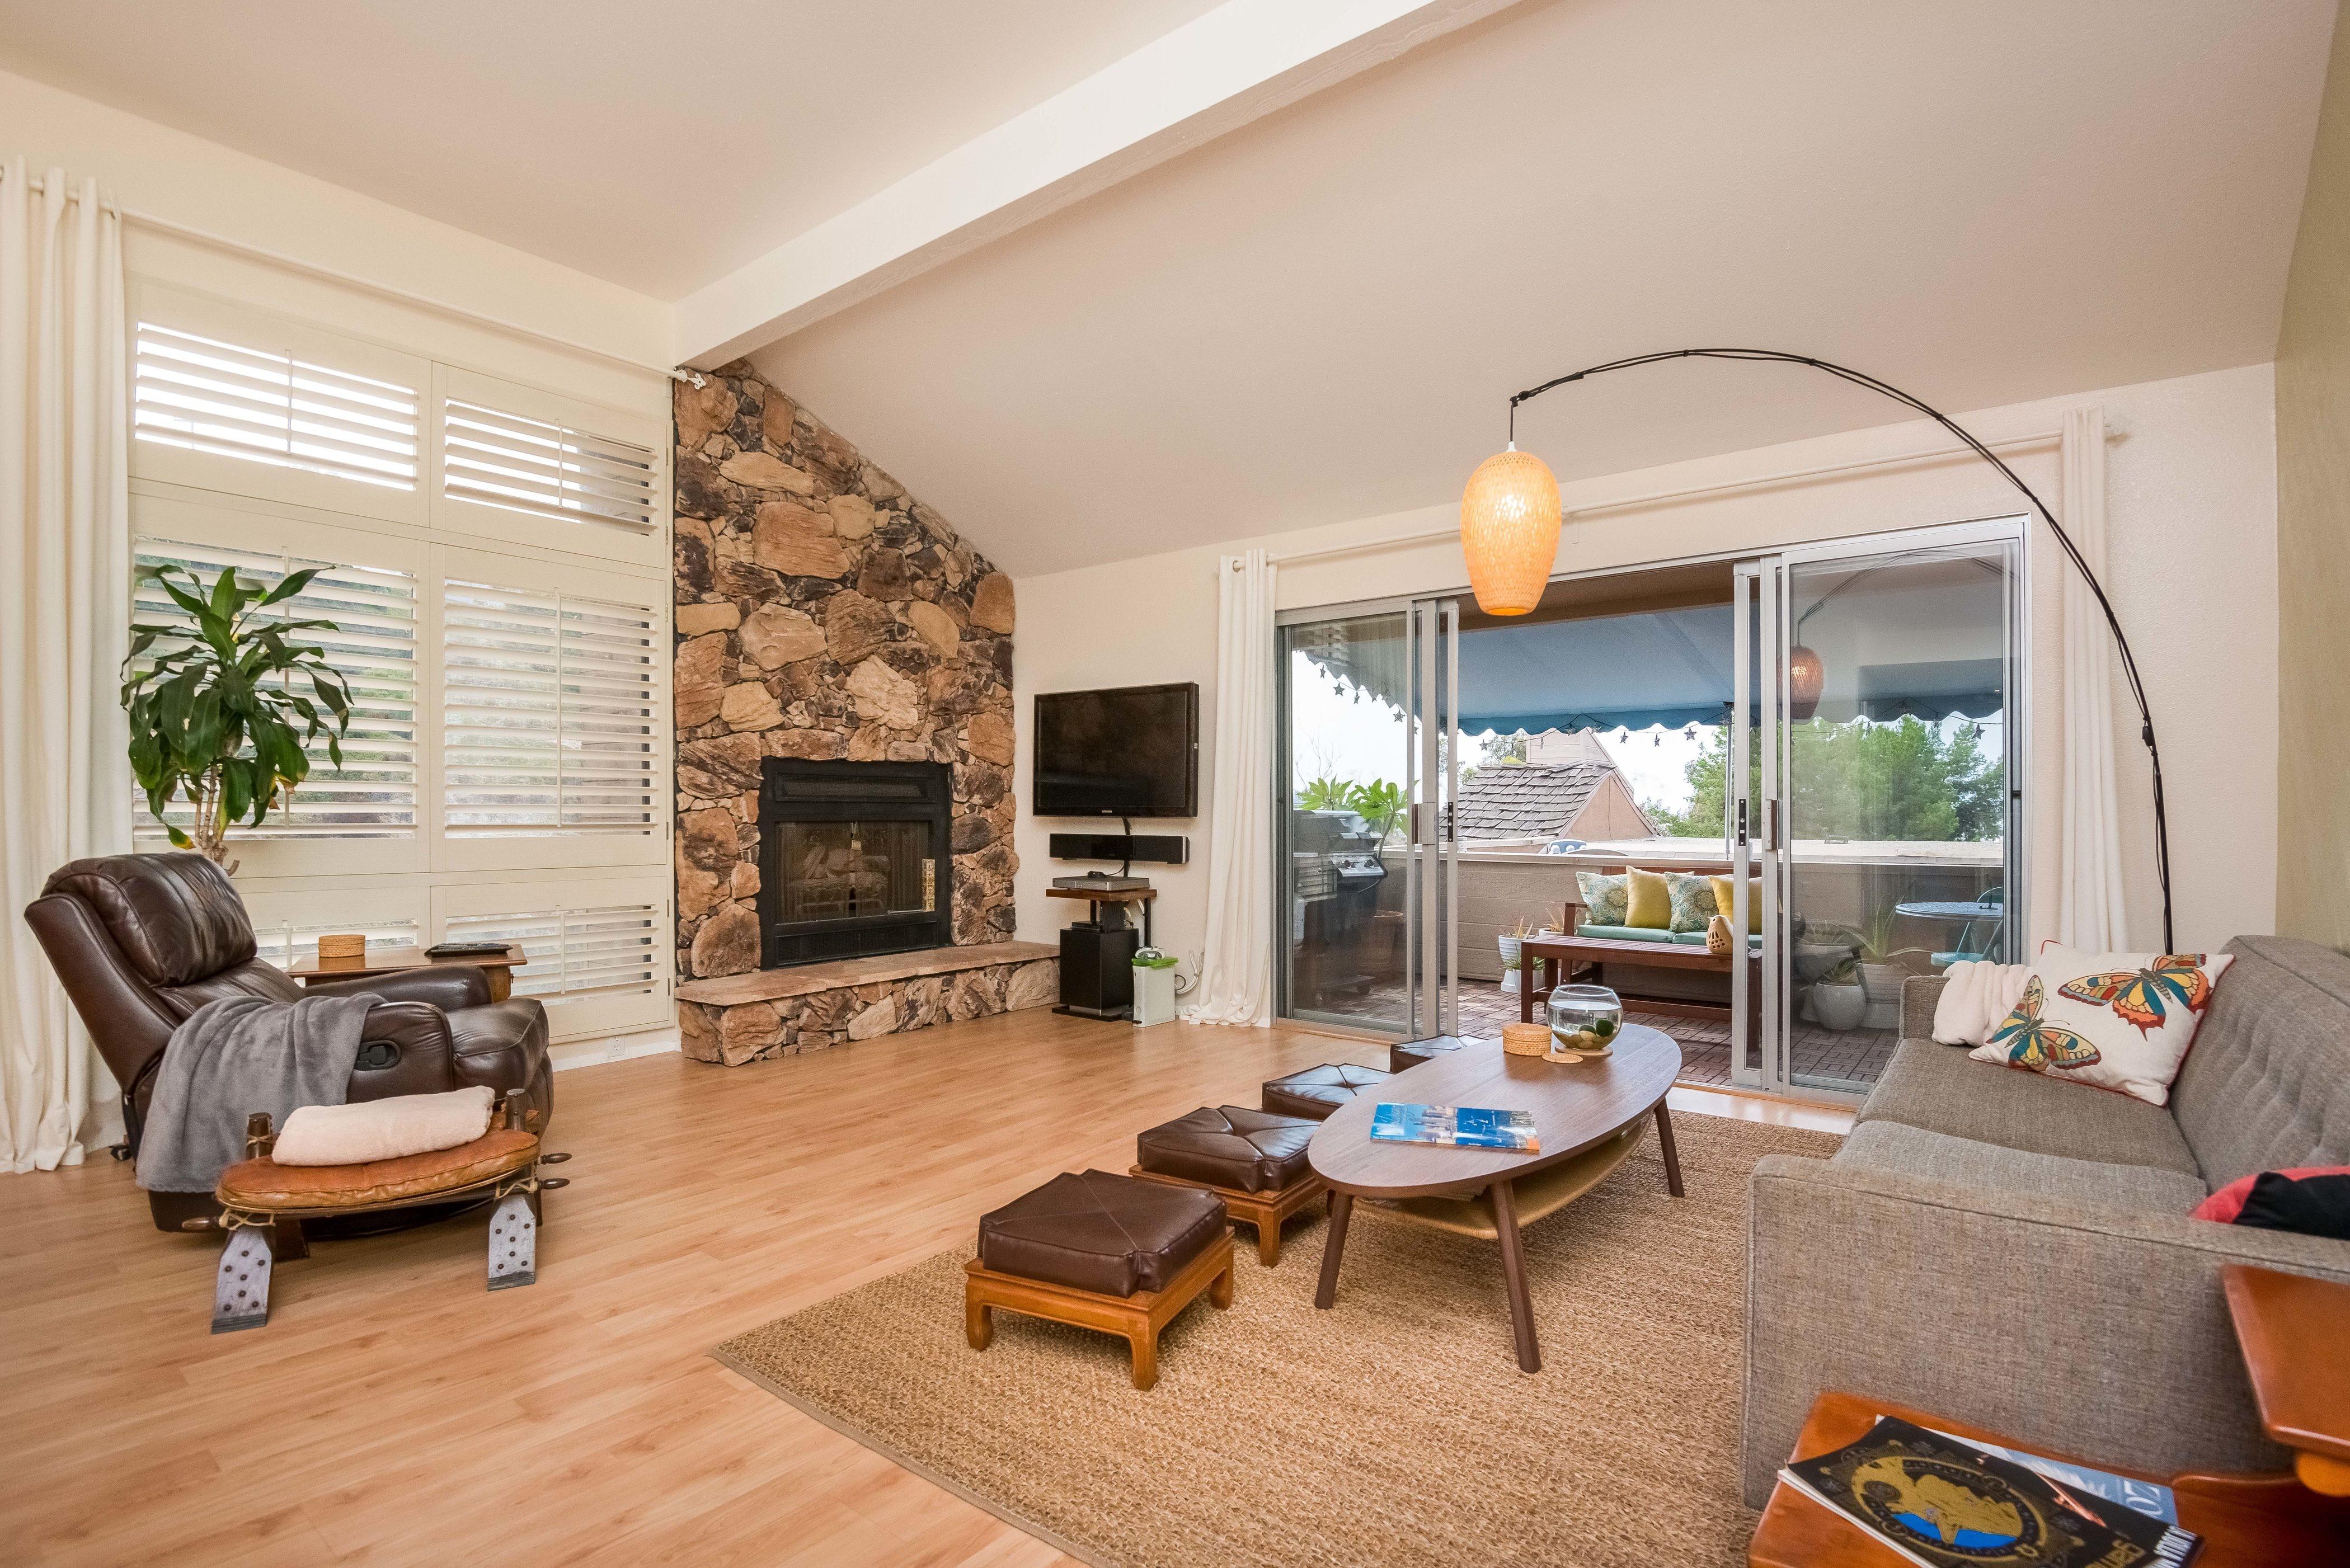 共管式独立产权公寓 为 销售 在 3747 Keating St 圣地亚哥, 加利福尼亚州 92110 美国